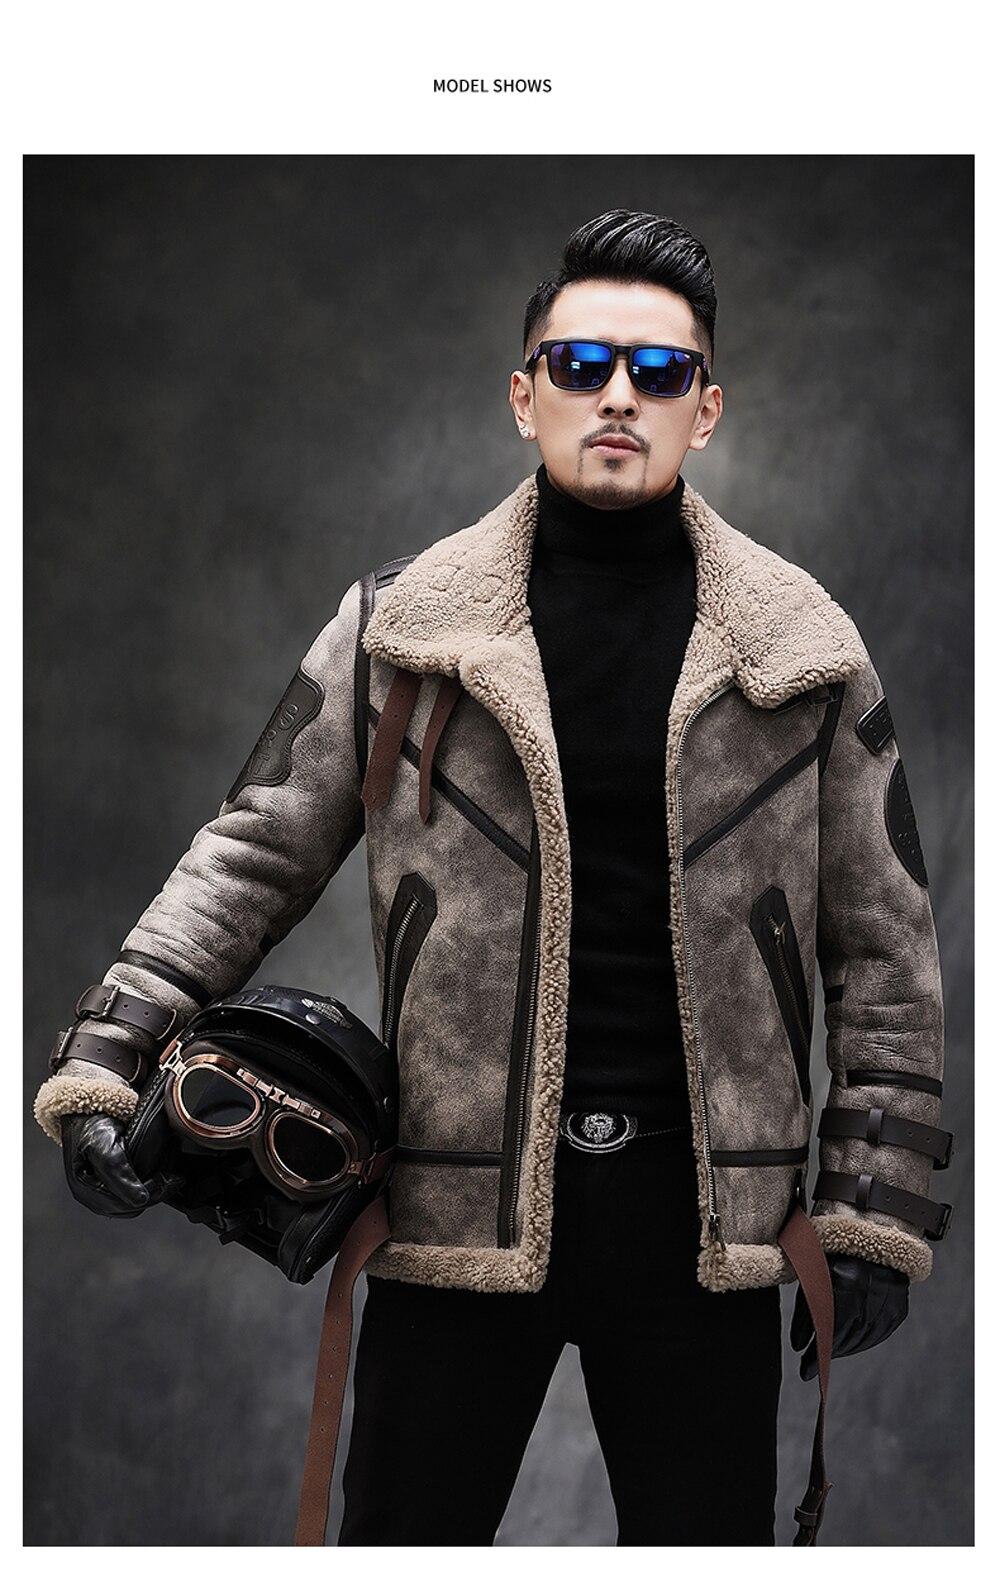 H8421123af5894493a2574149e8c70ea5v 2019 Fashion 100% Quality Real Sheepskin Fur Men Coat Genuine Full Pelt Sheep Shearling Male Winter Jacket Brown Men Fur Outwear